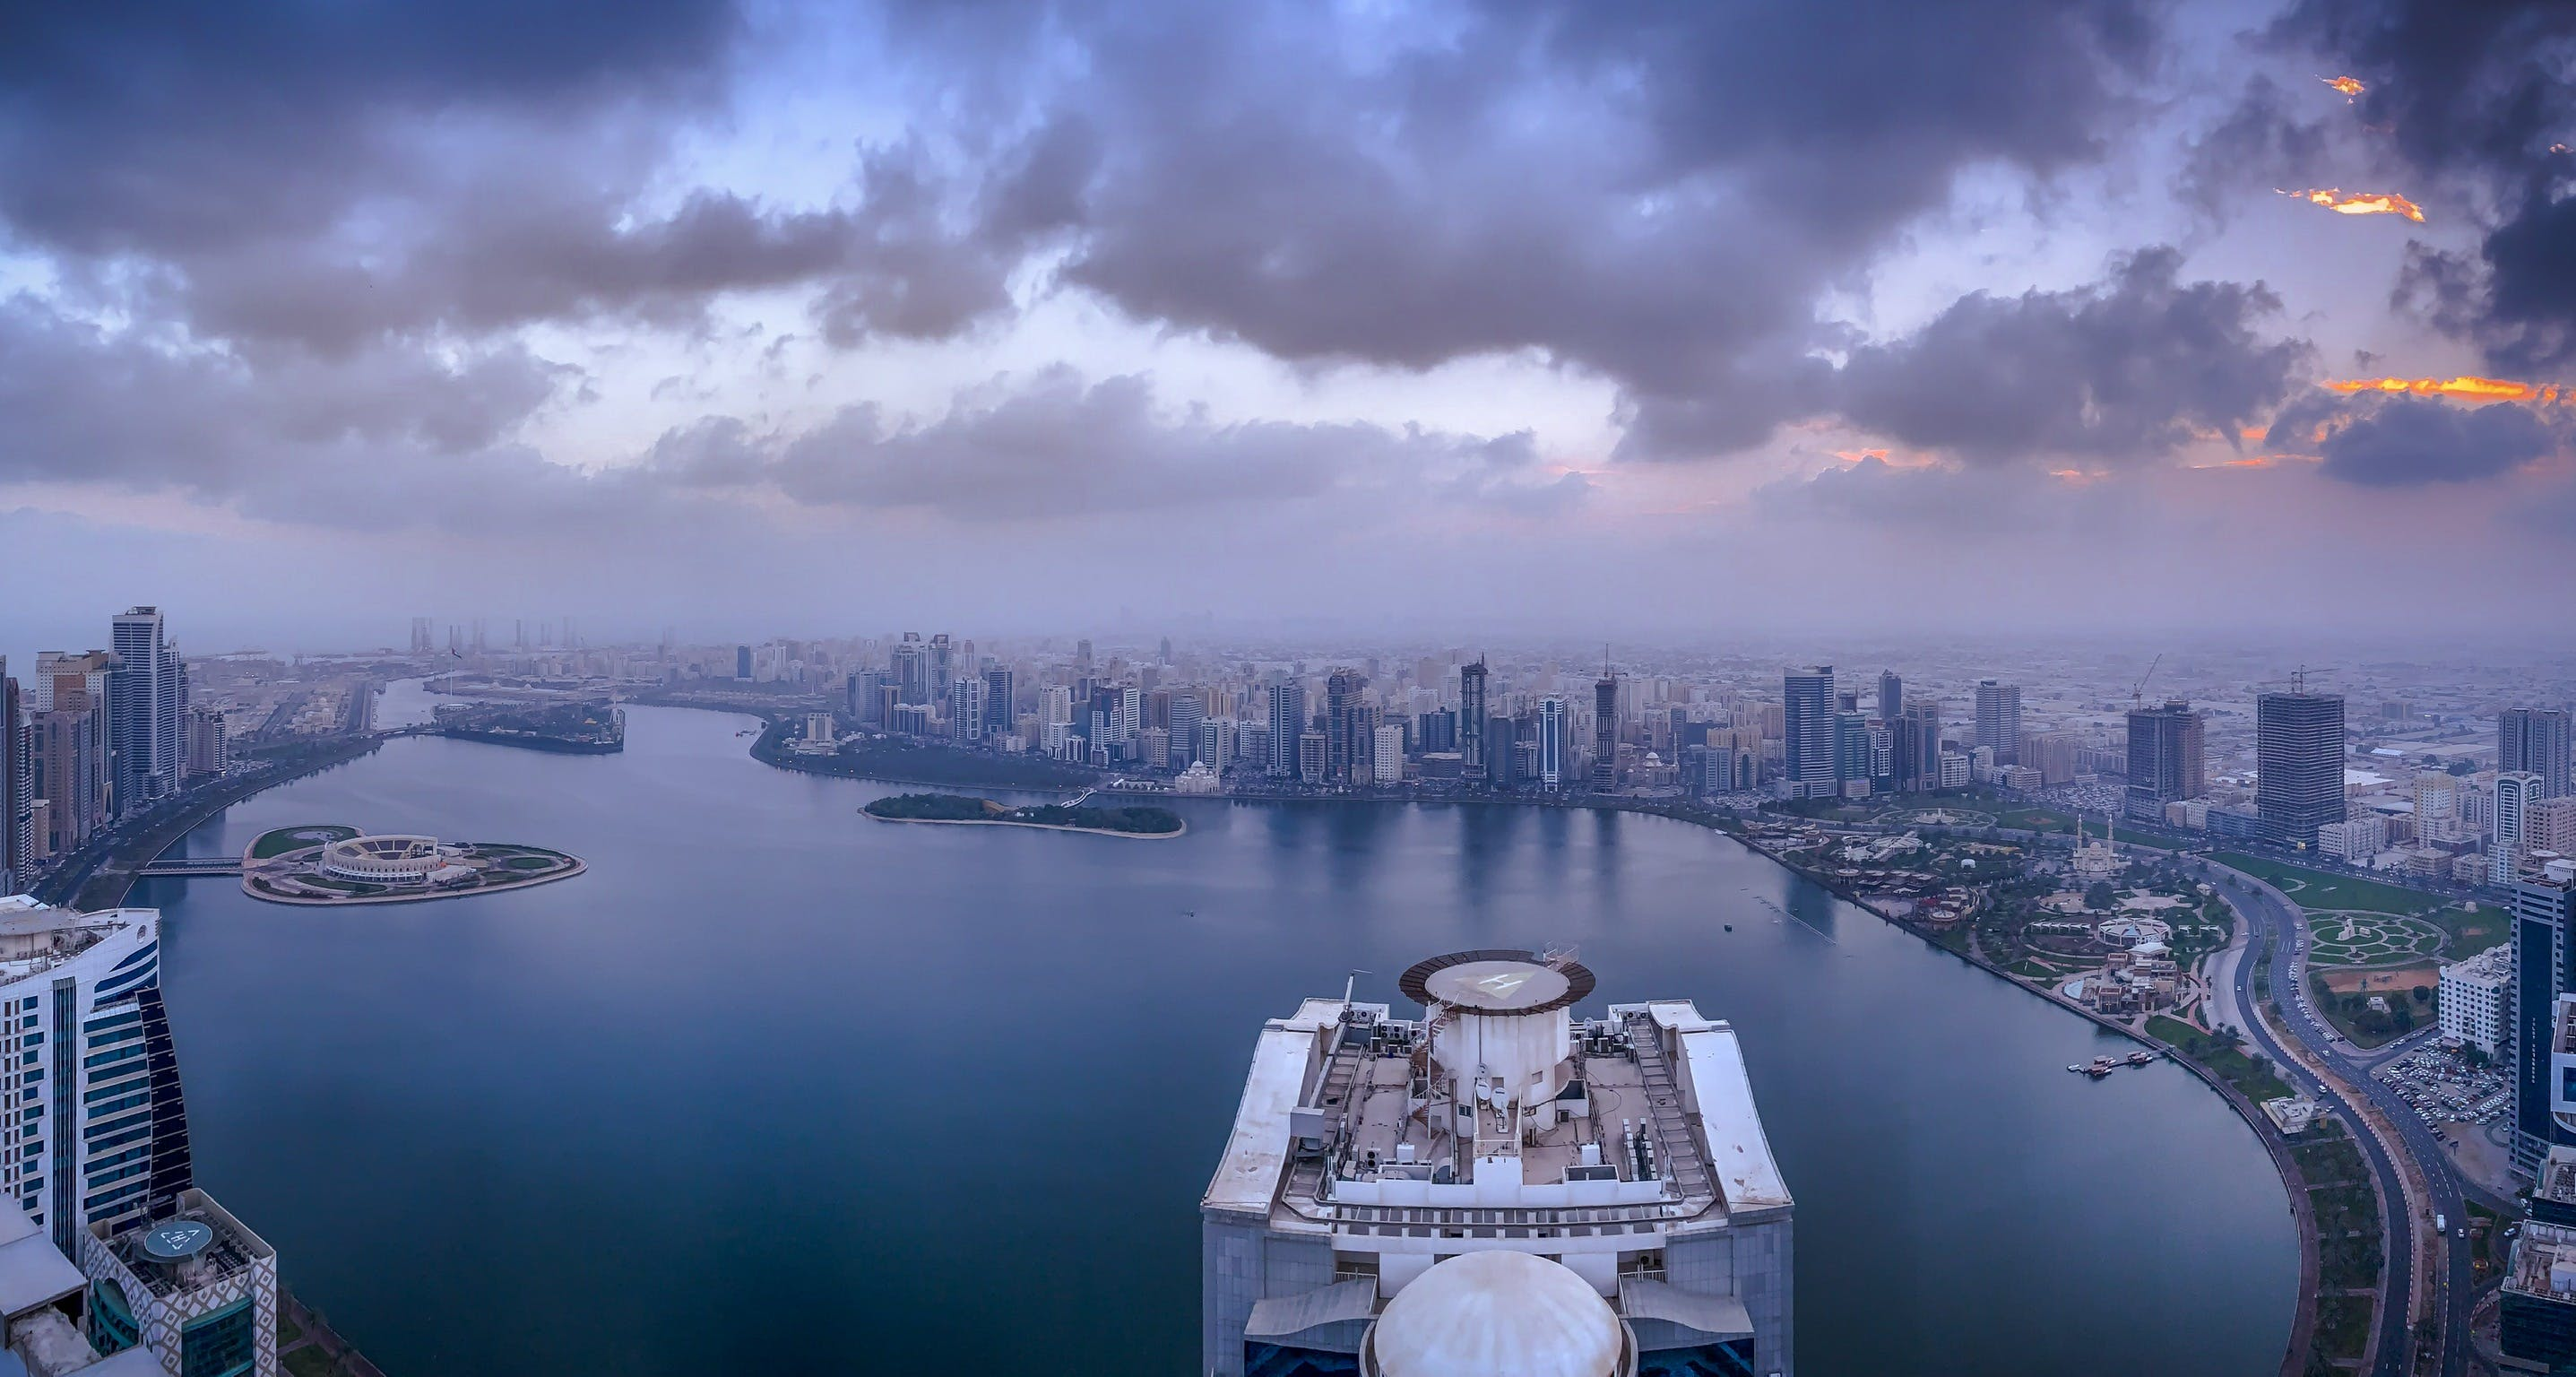 Безкоштовне стокове фото на тему «аерознімок, будівлі, вода, з висоти польоту»